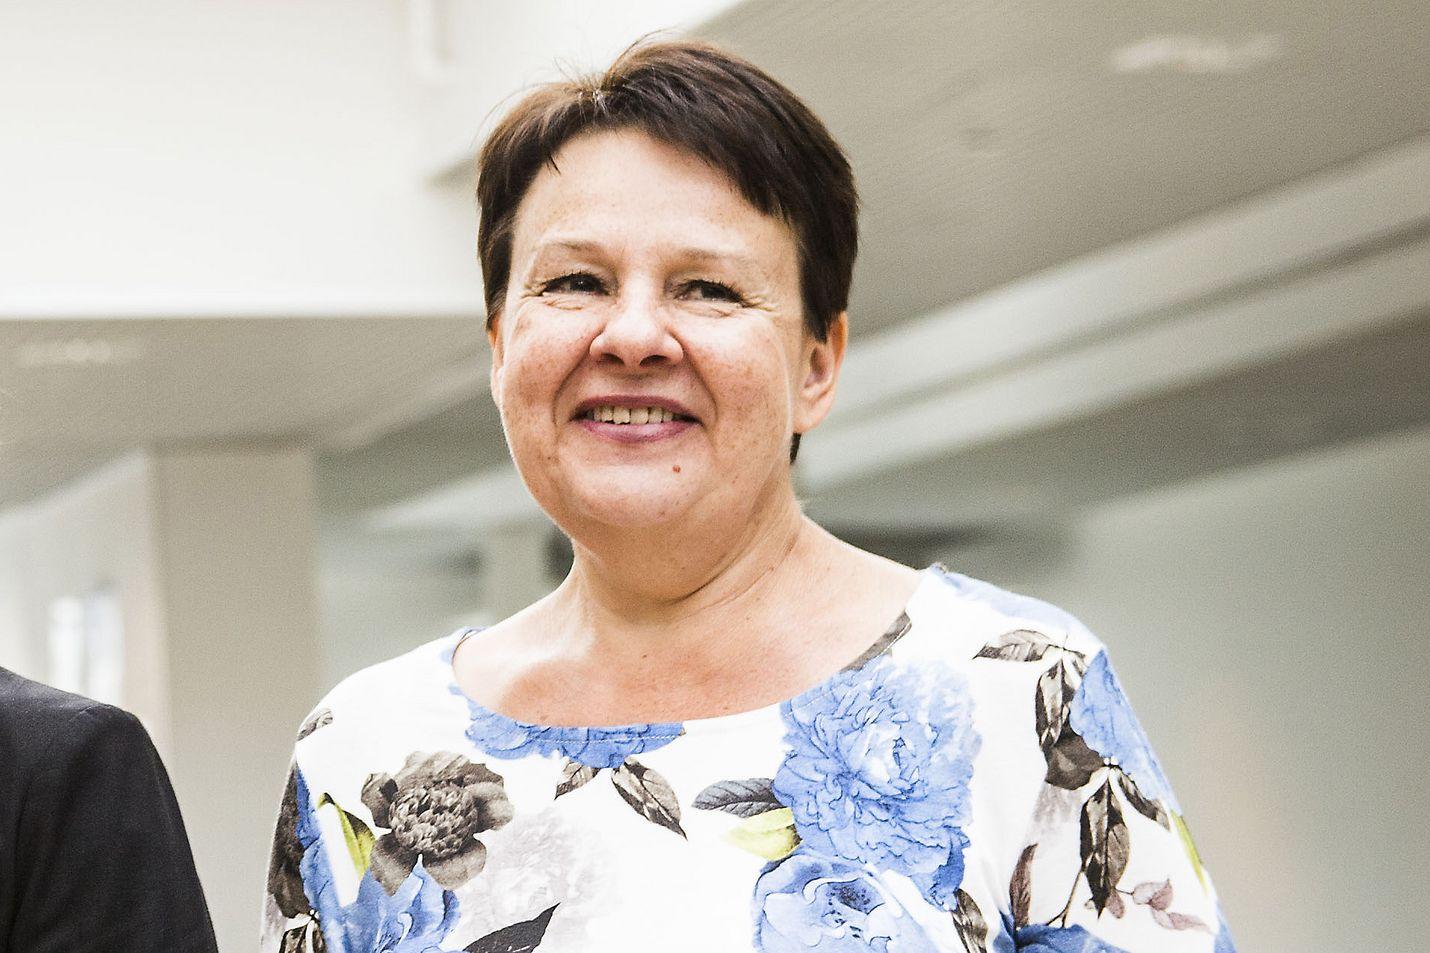 Kirsi Varhilan mukaan tulevaisuudessa suurin pula tulee olemaan hoitohenkilöstöstä.